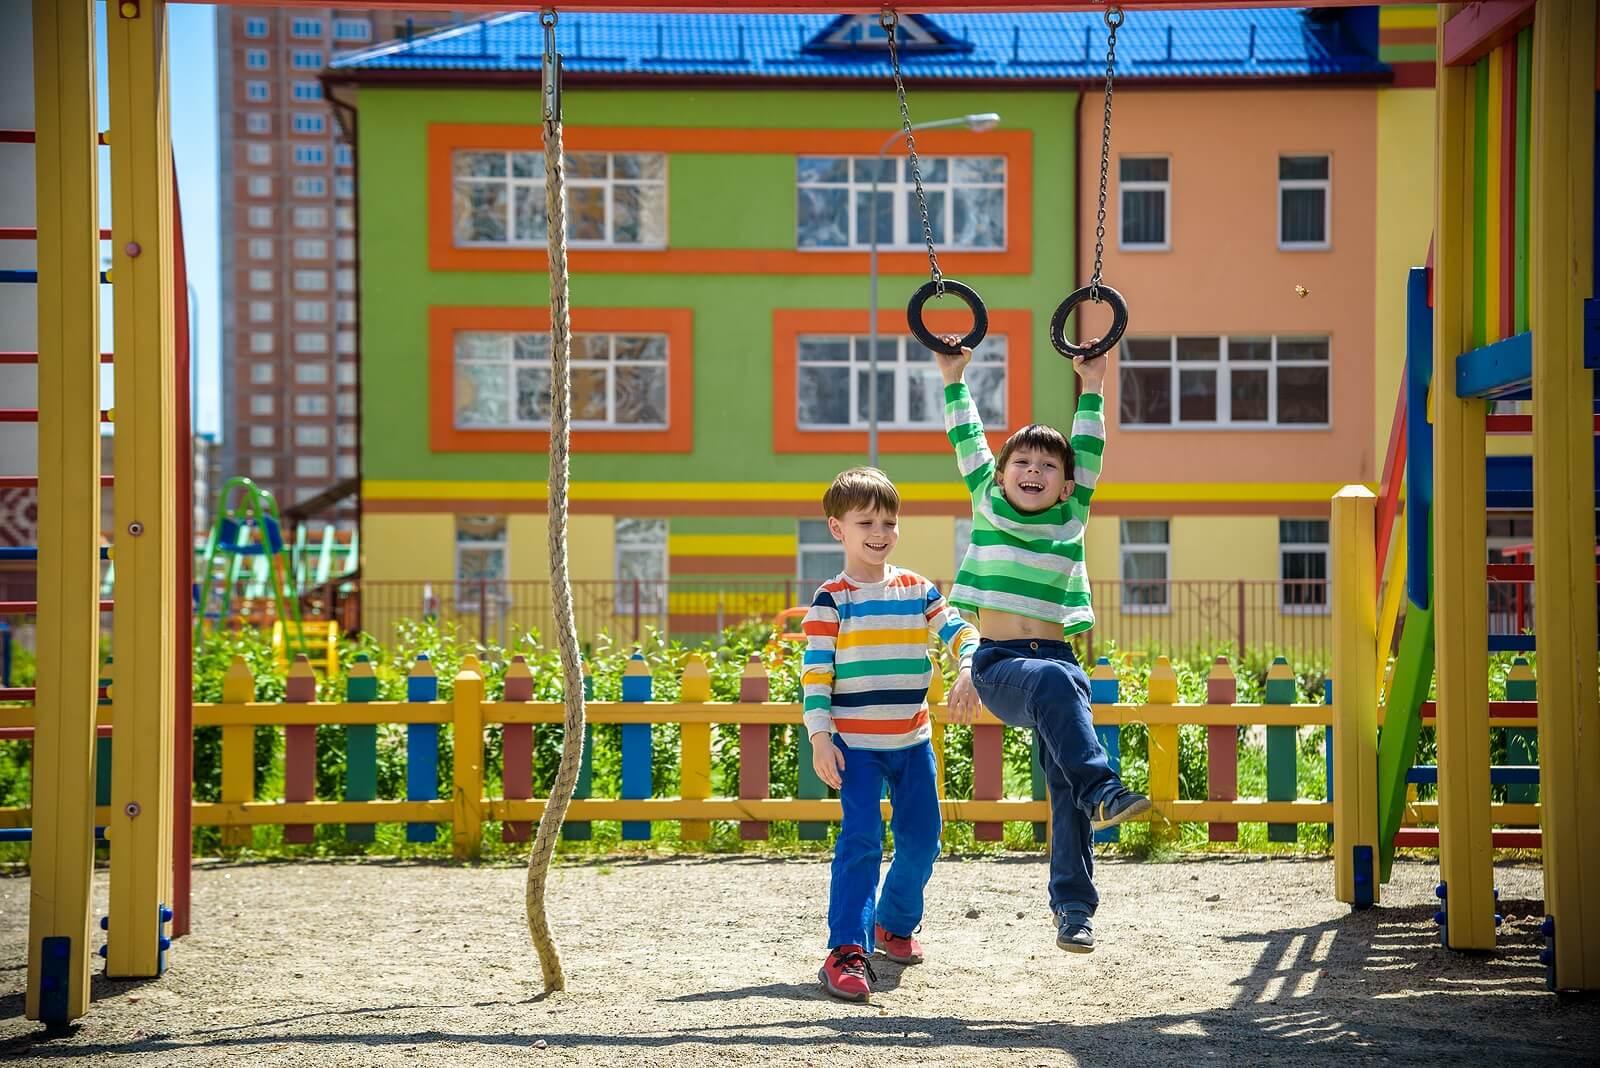 Niños jugando en los columpios cultivando el valor de la amistad.